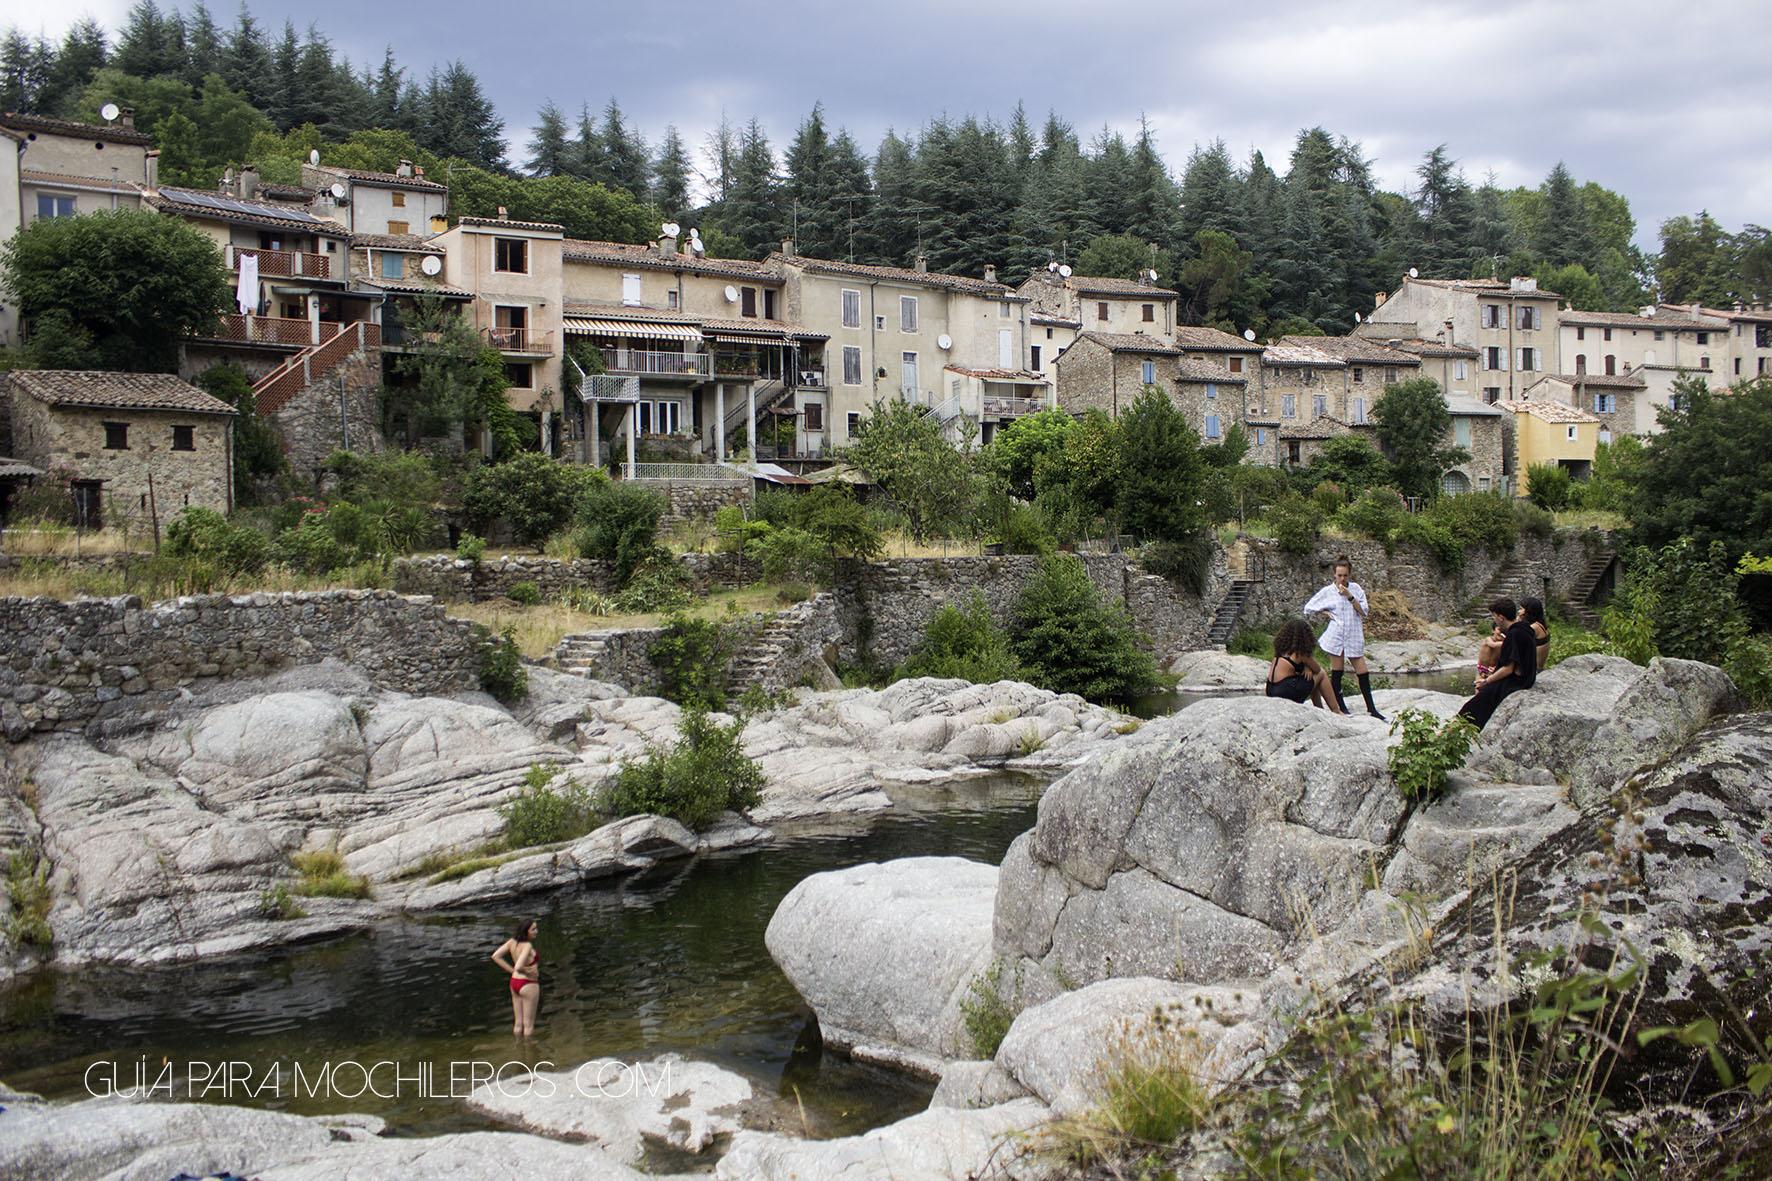 Río de Lasalle Les Cevennes